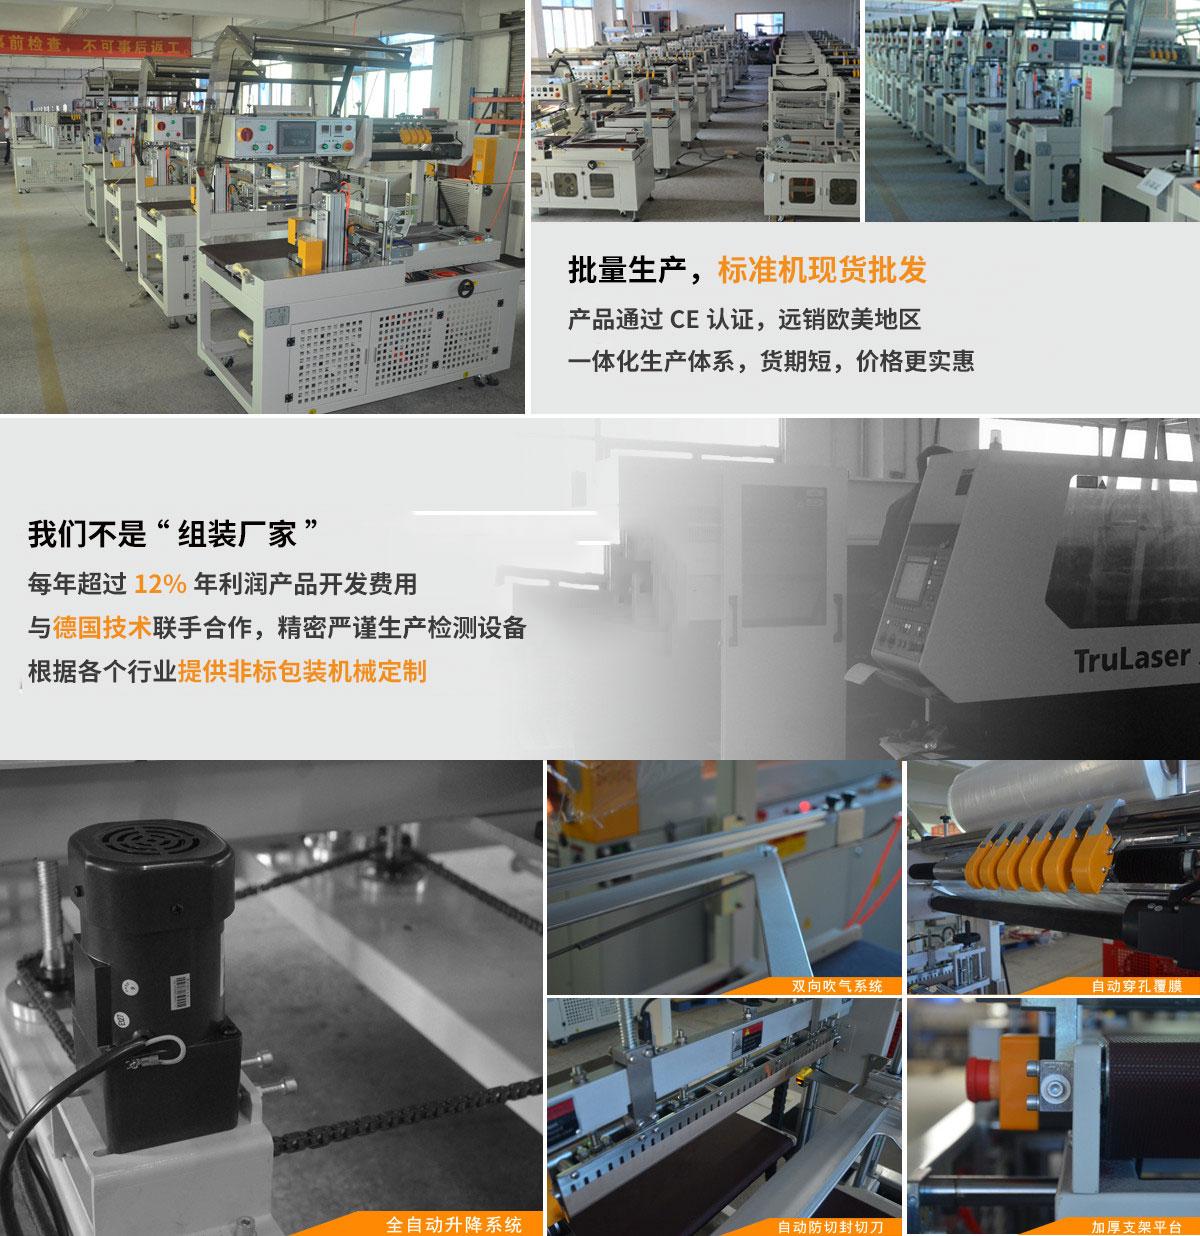 全自动L型垂直上下封切收缩包装机 GPL-5545D产品细节